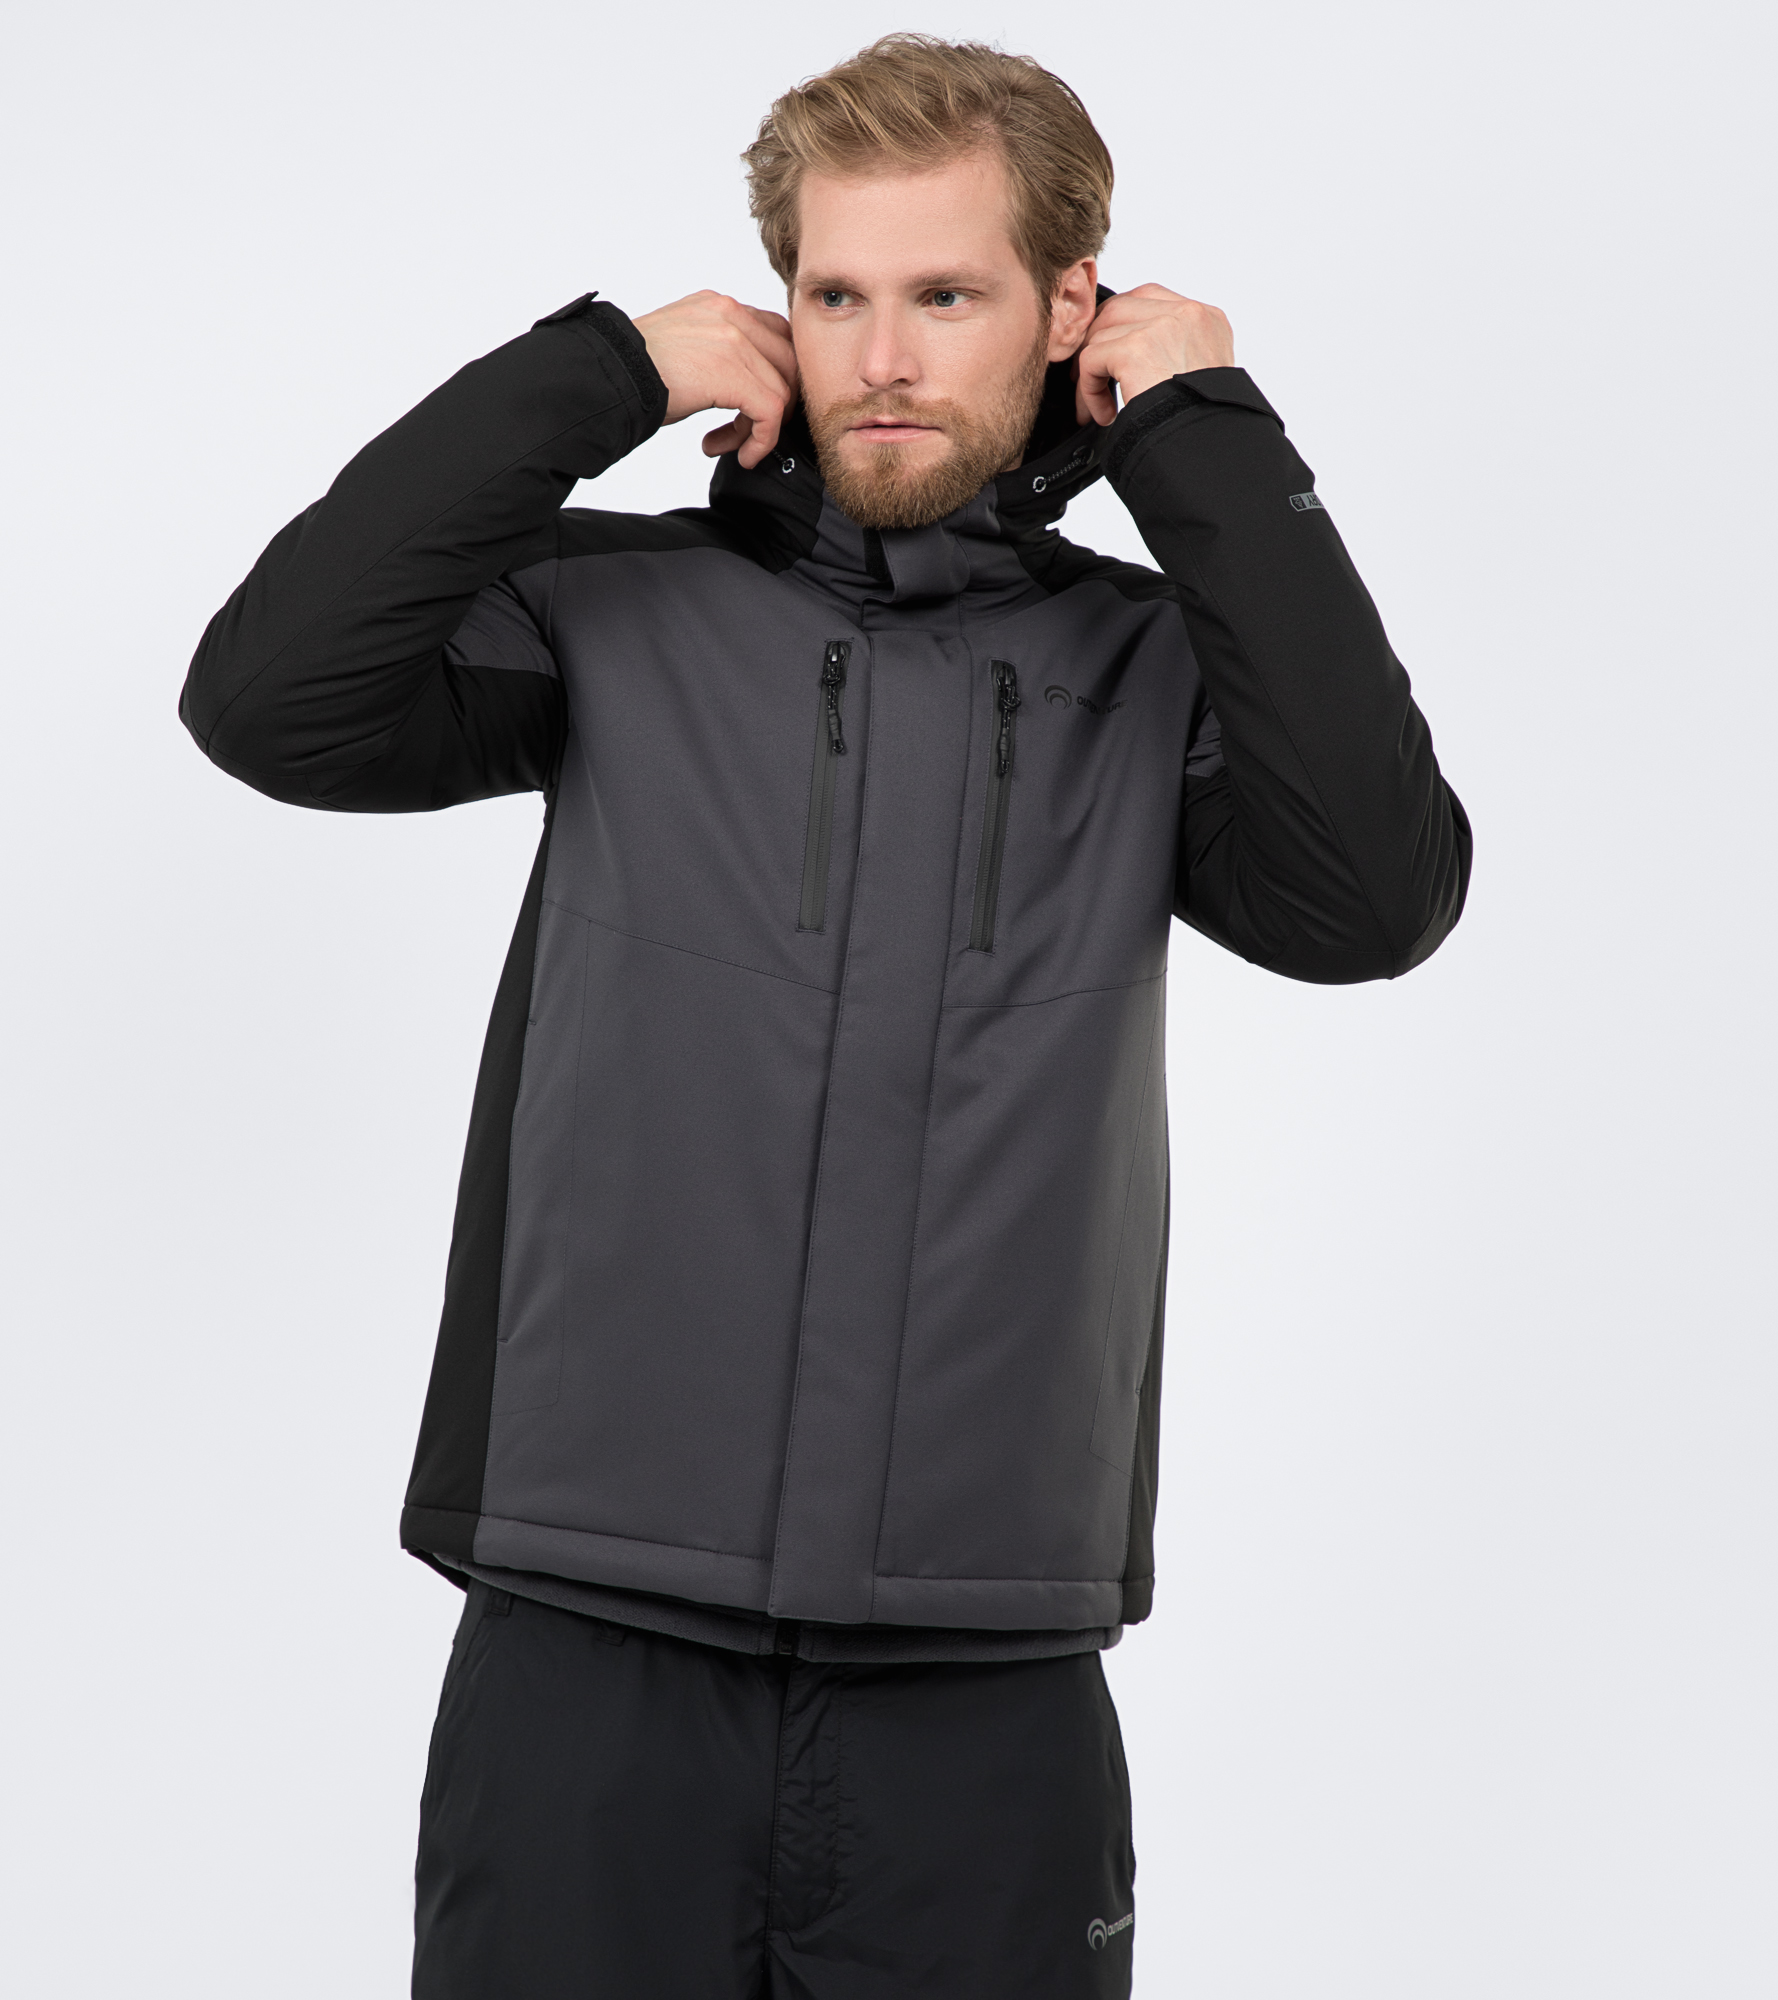 купить Outventure Куртка утепленная мужская Outventure, размер 58 по цене 5999 рублей